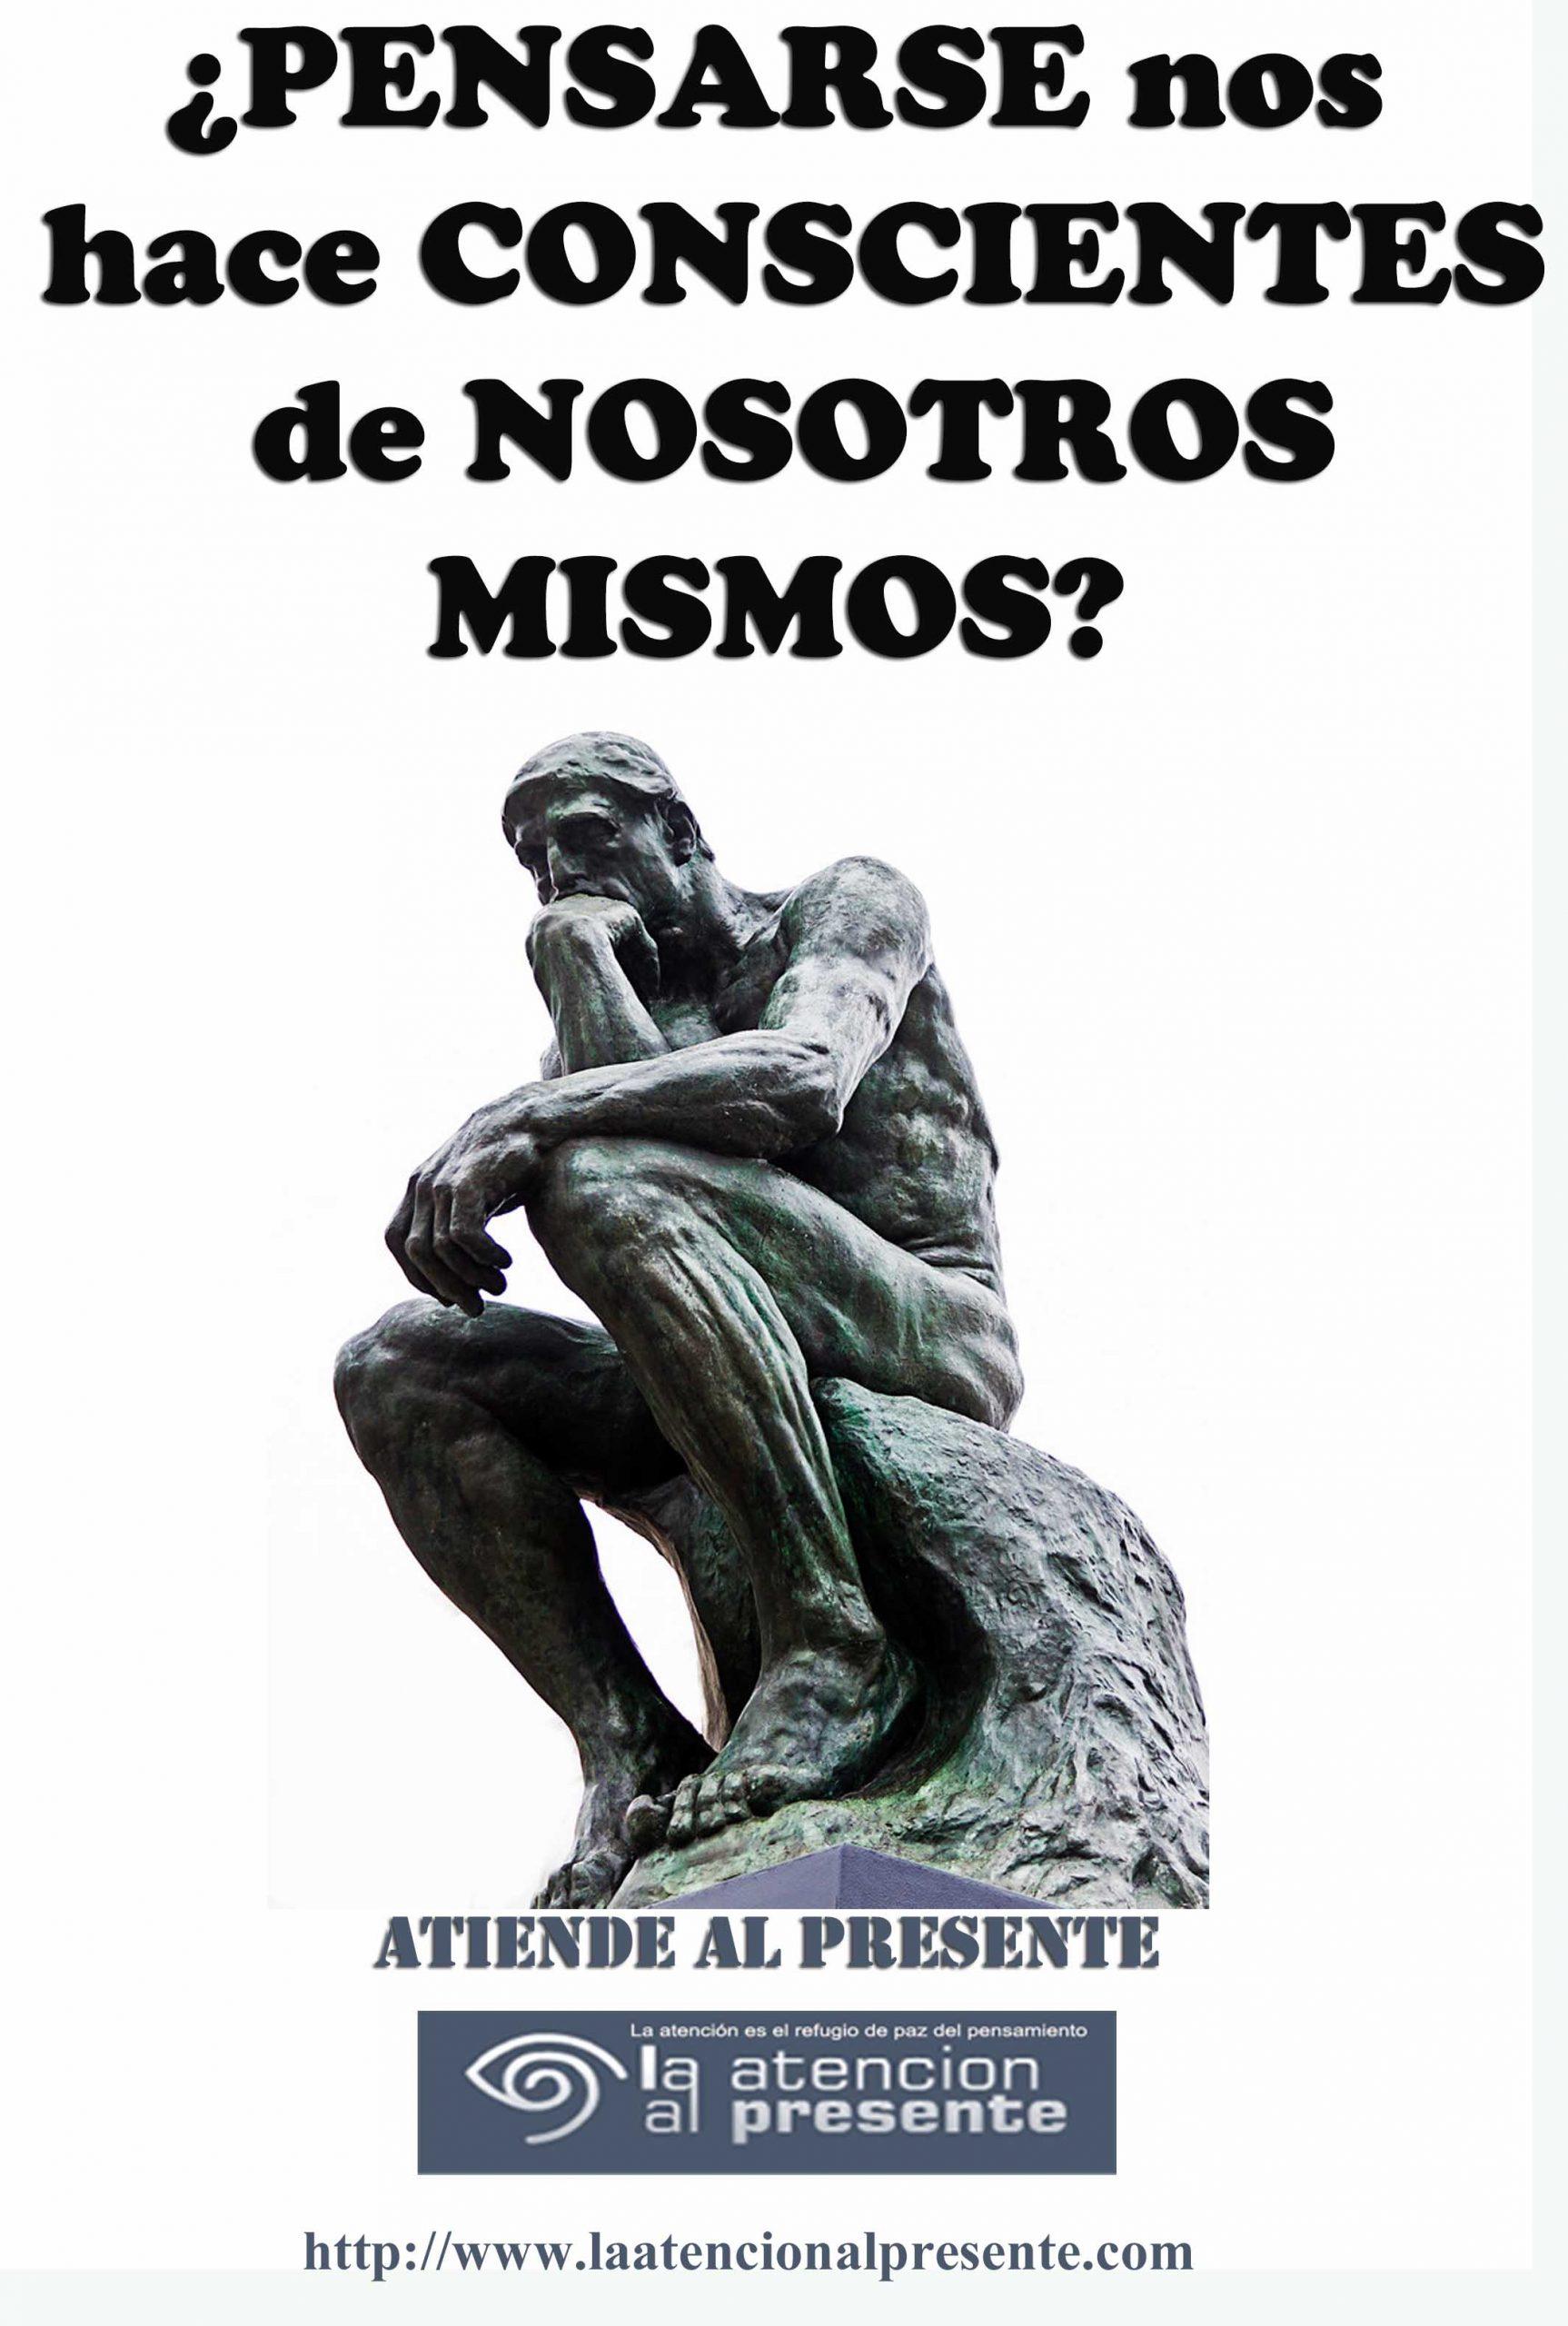 11 de agosto Esteban PENSARSE nos hace CONSCIENTES de SÍ MISMO min scaled